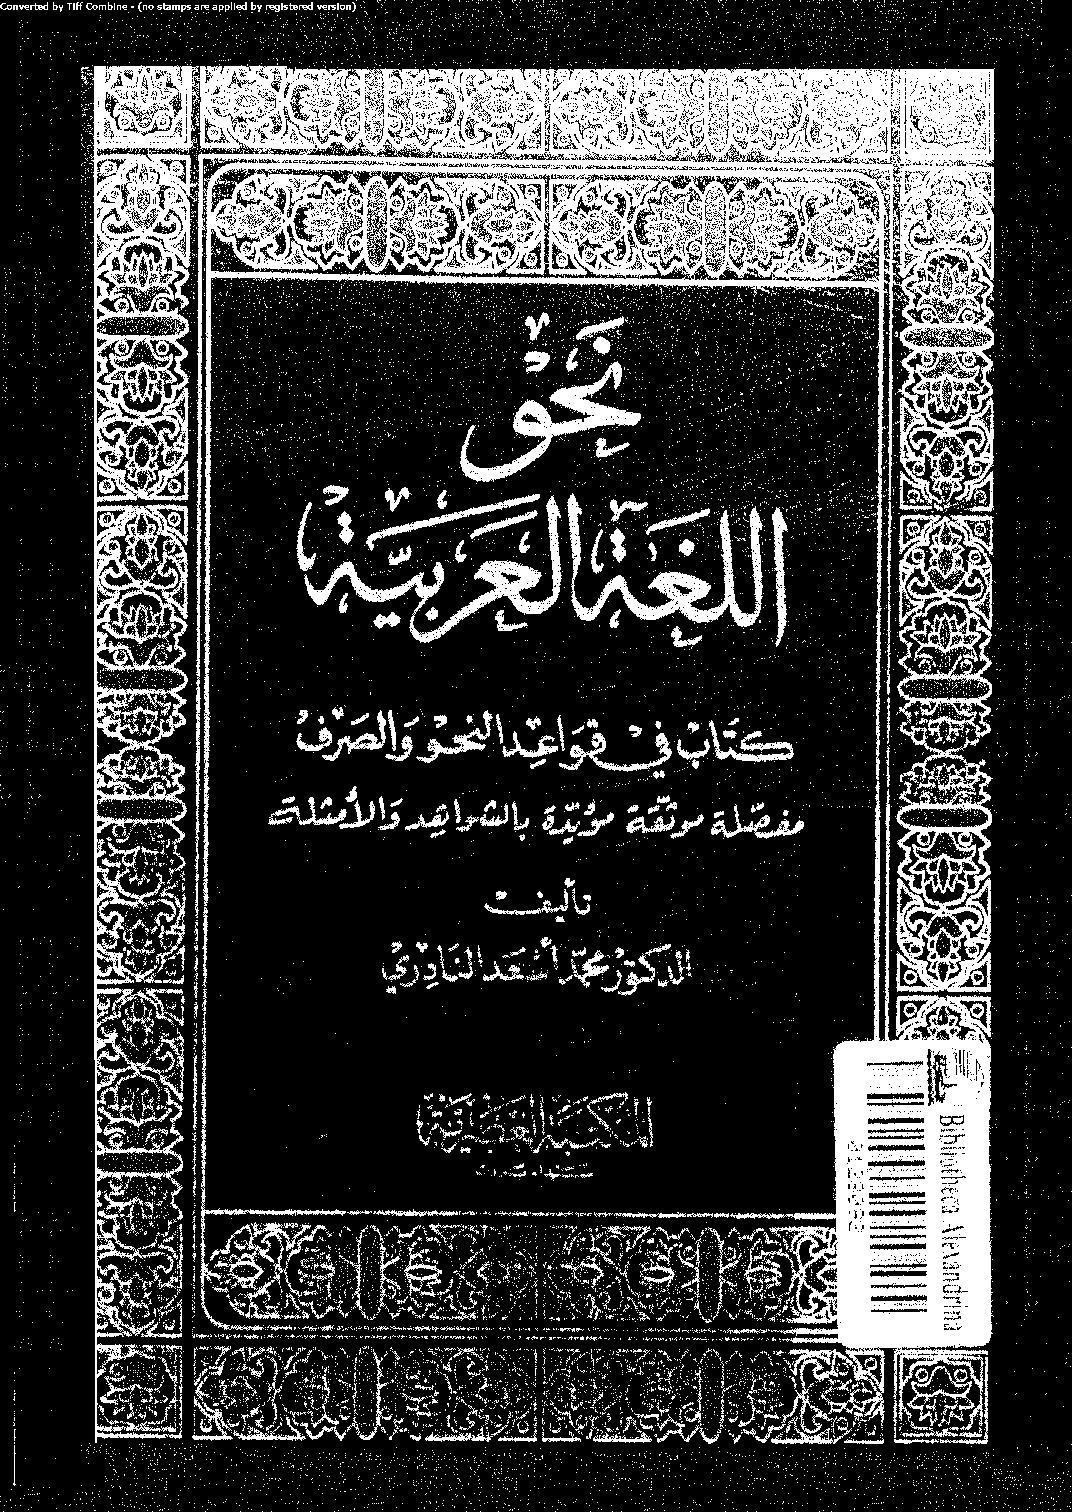 d0afe 736book1 2098 0000 - نحو اللغة العربية pdf - محمد أسعد النادري